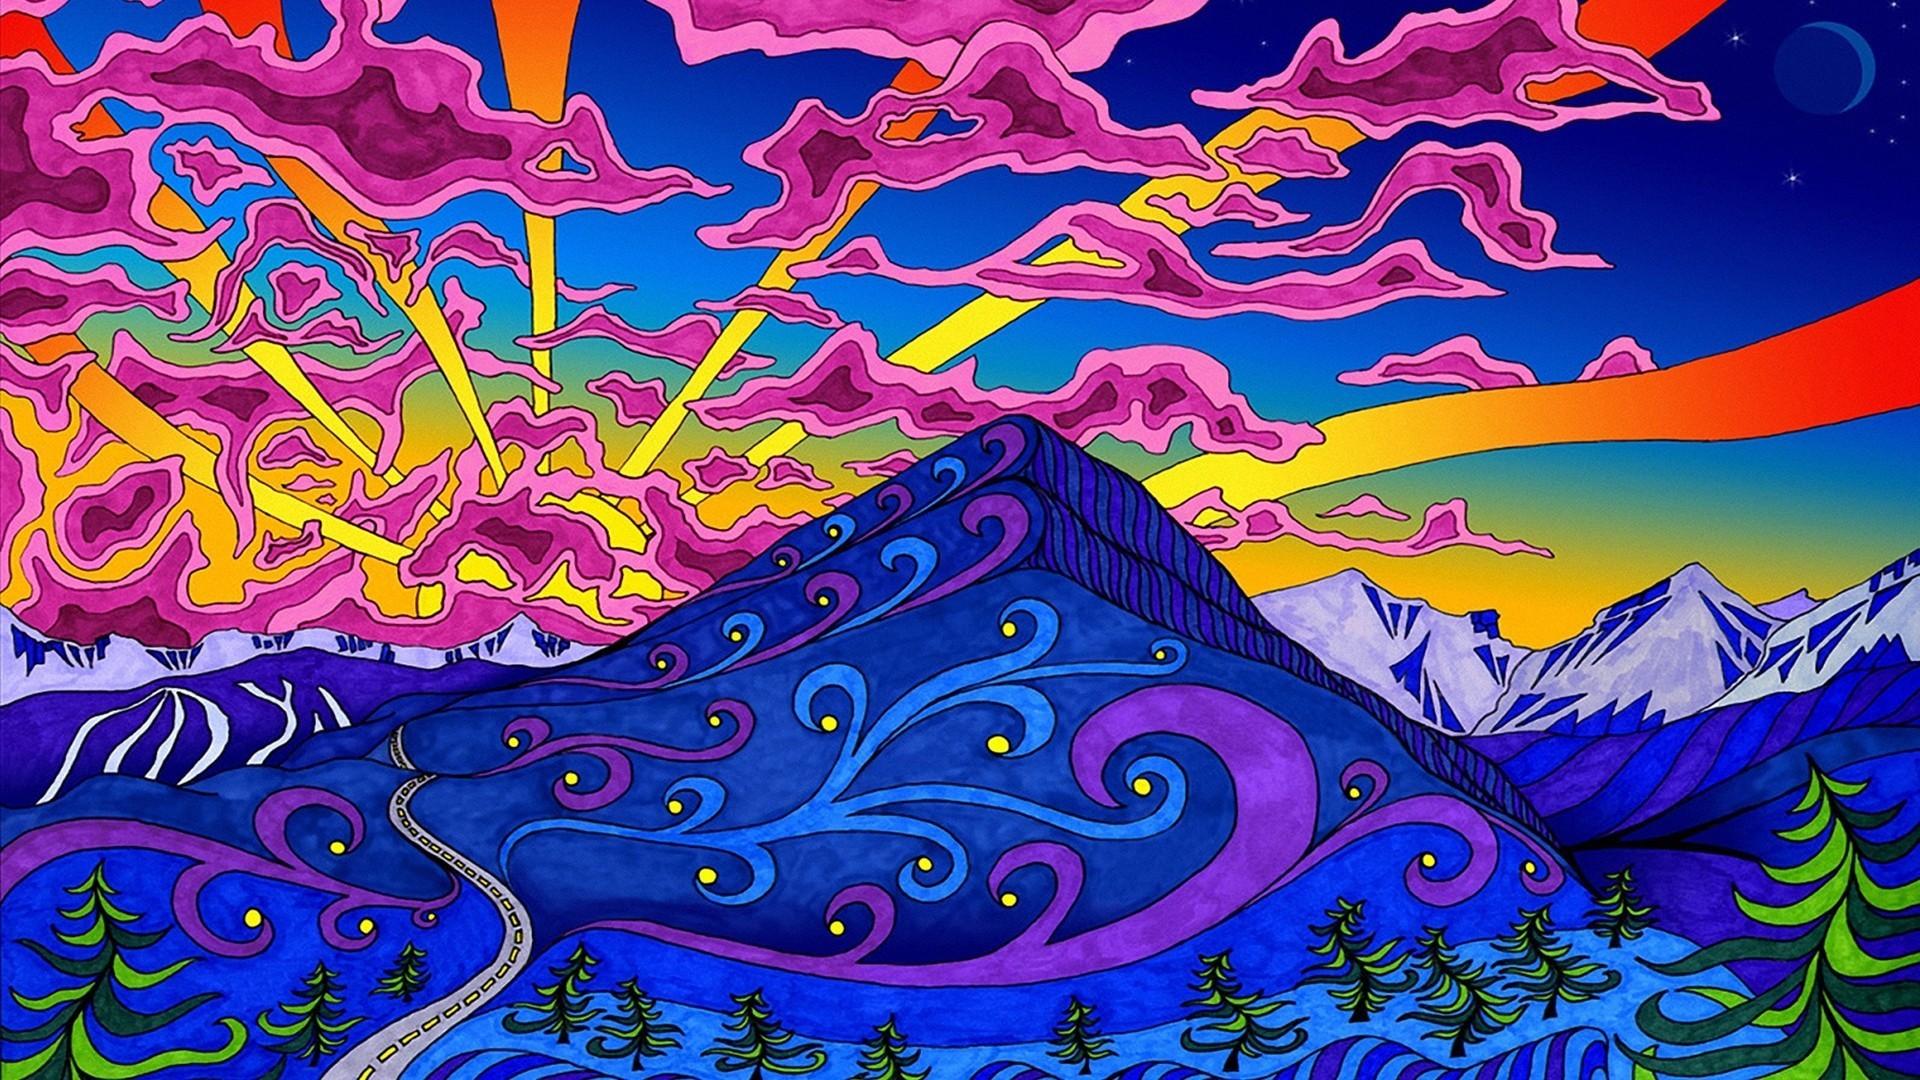 Res: 1920x1080, Berge Landschaften psychedelische Grafik Farben wallpaper